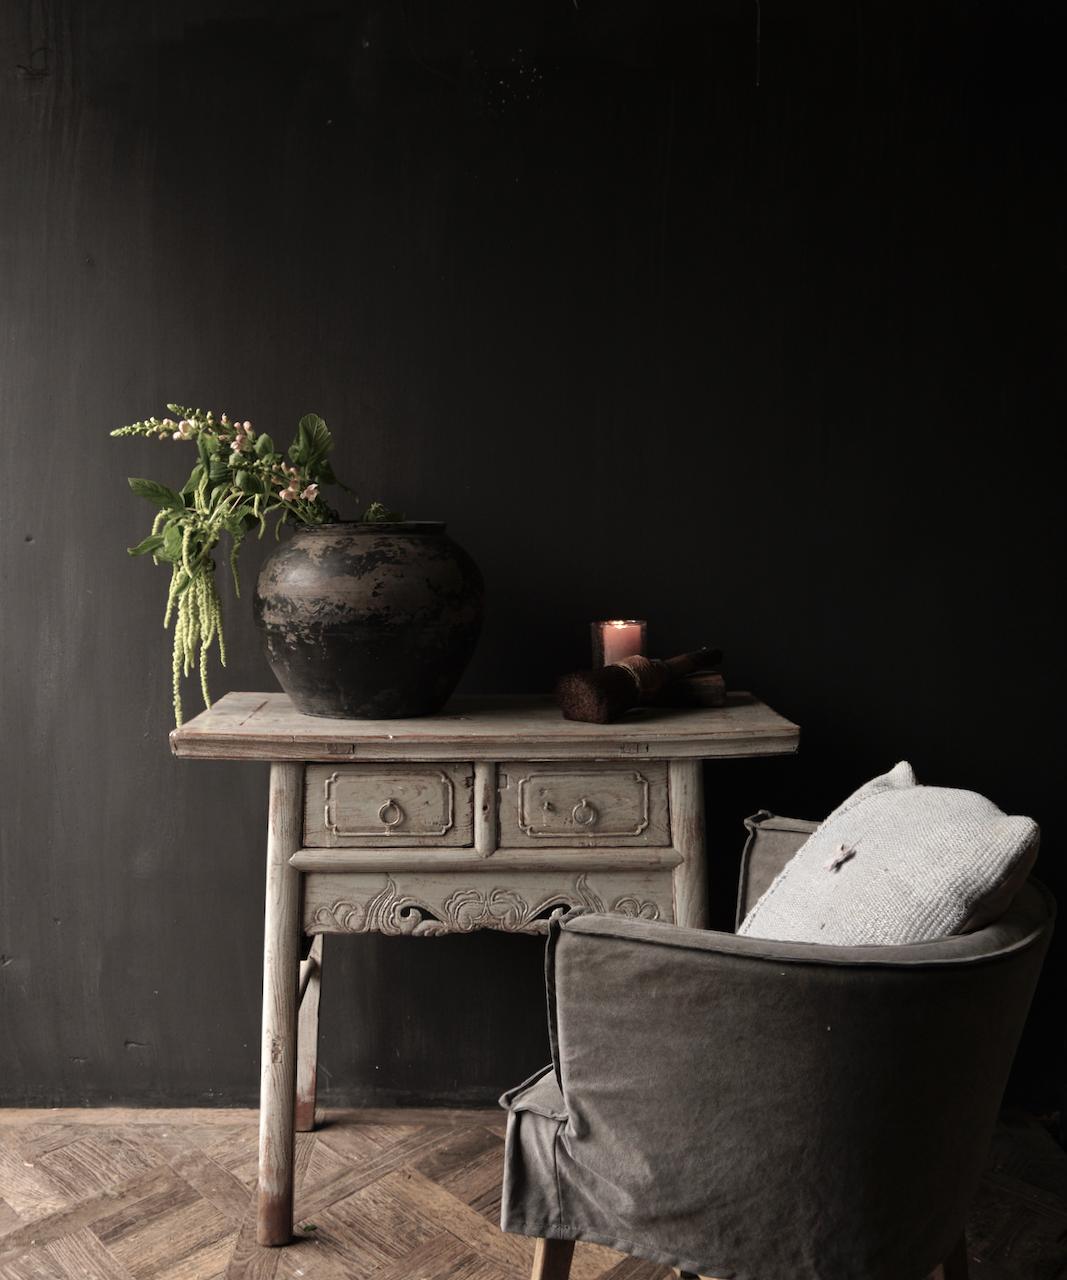 Authentisch Einzigartiger alter Wandtisch / Beistelltisch / Badezimmermöbel mit grau lackierten Schubladen-1